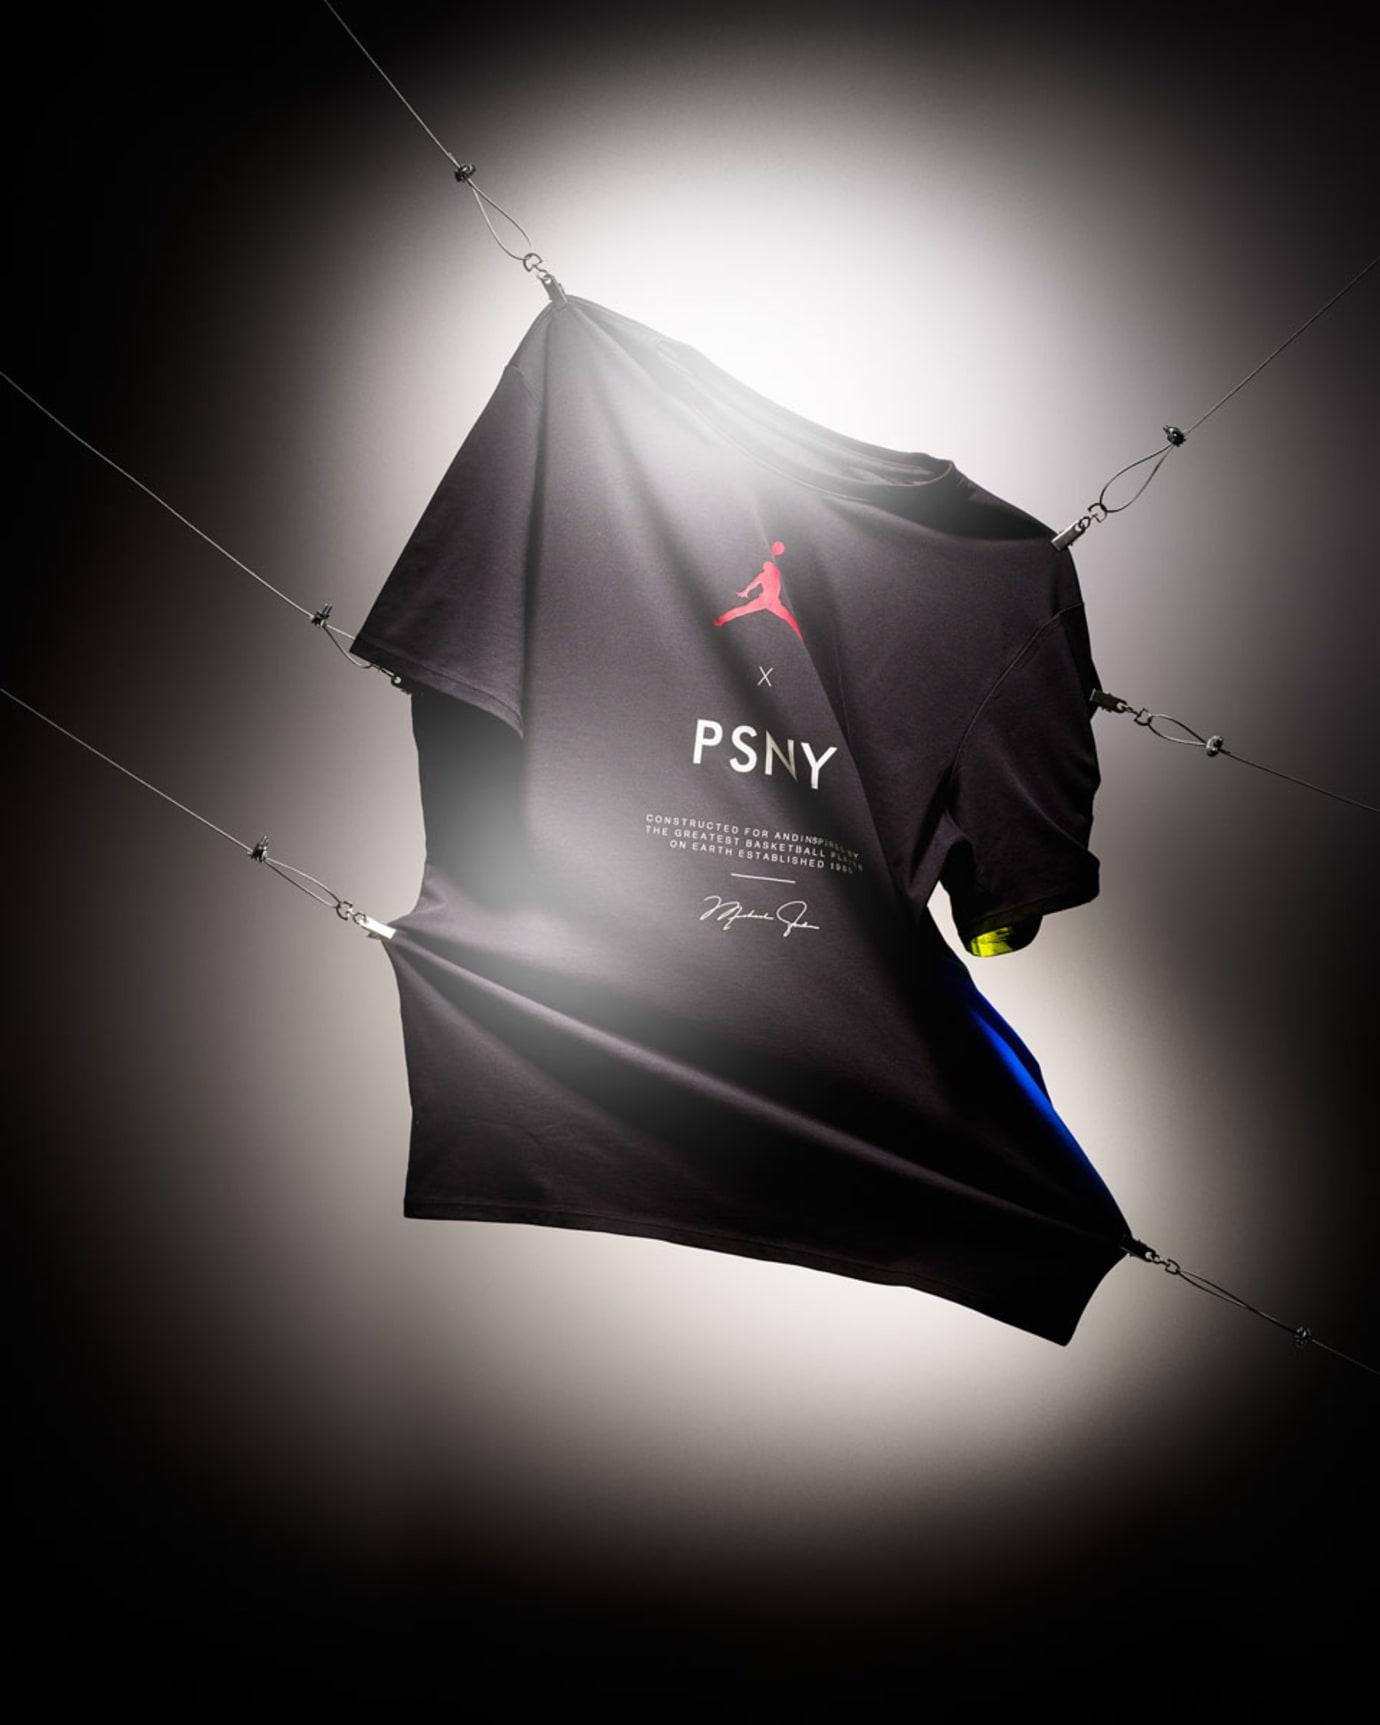 PSNY x Air Jordan Capsule (13)